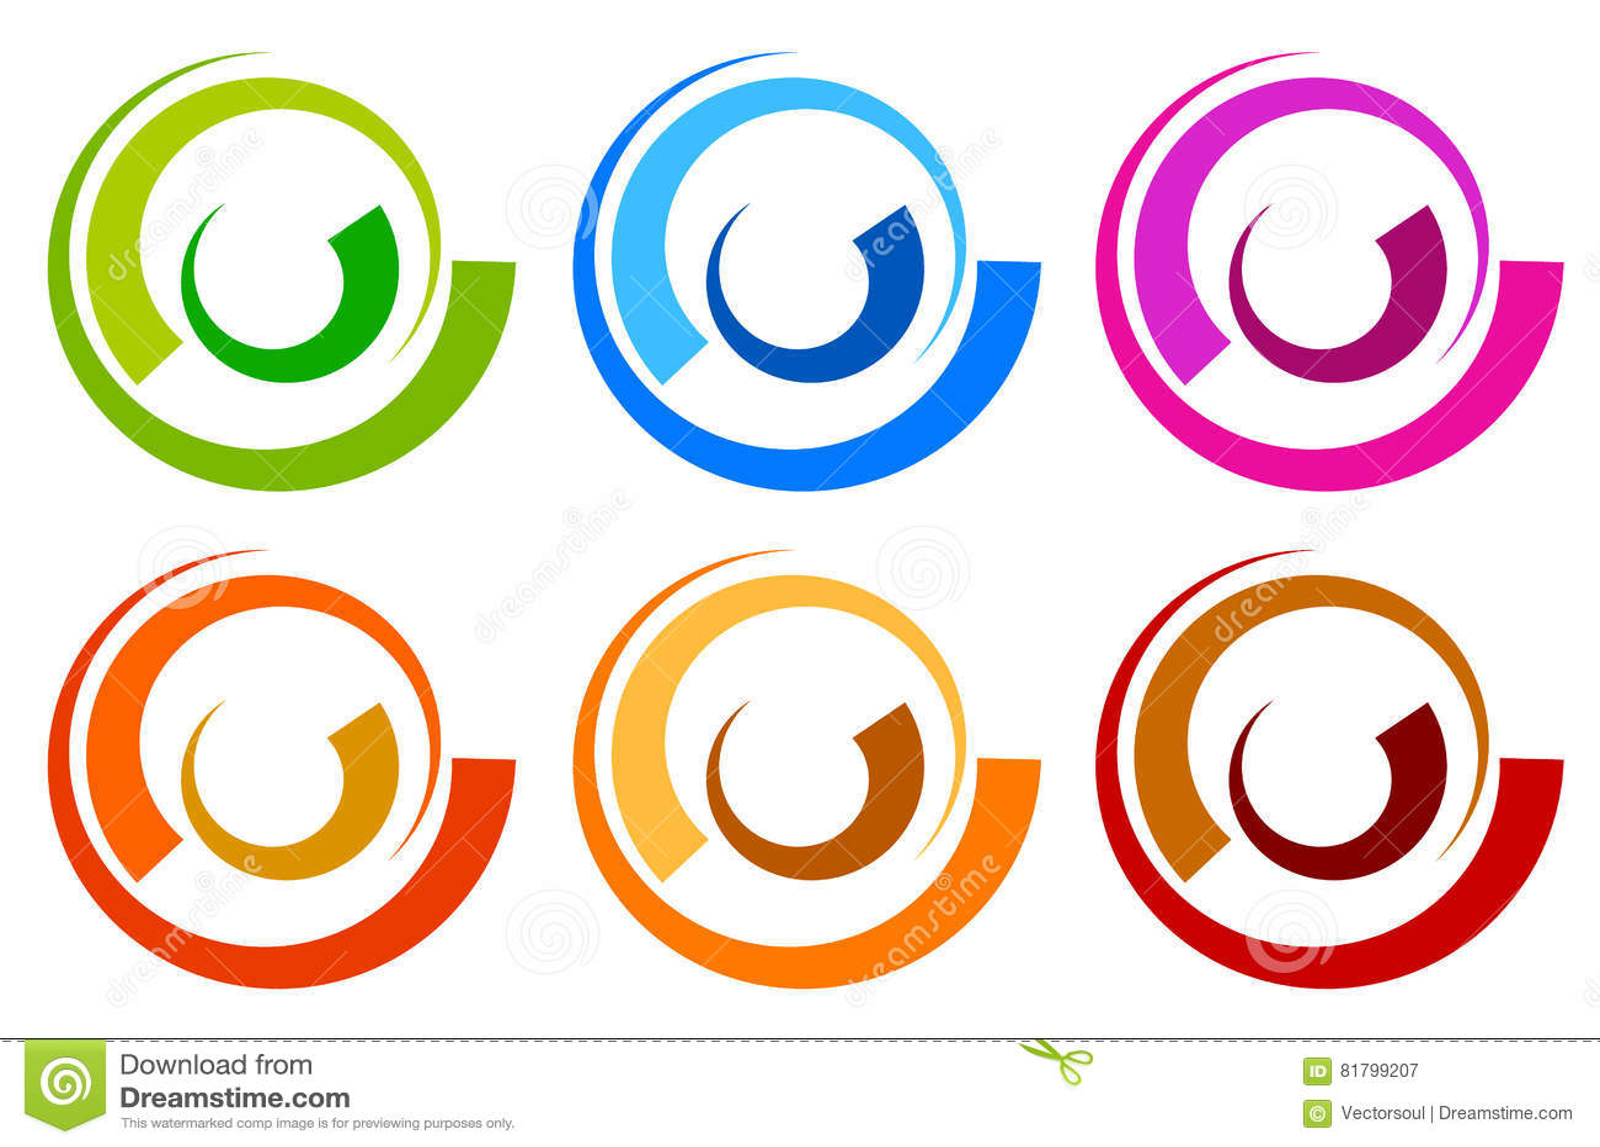 Buntes Kreislogo, Ikonenschablonen konzentrisches segmentiertes circl